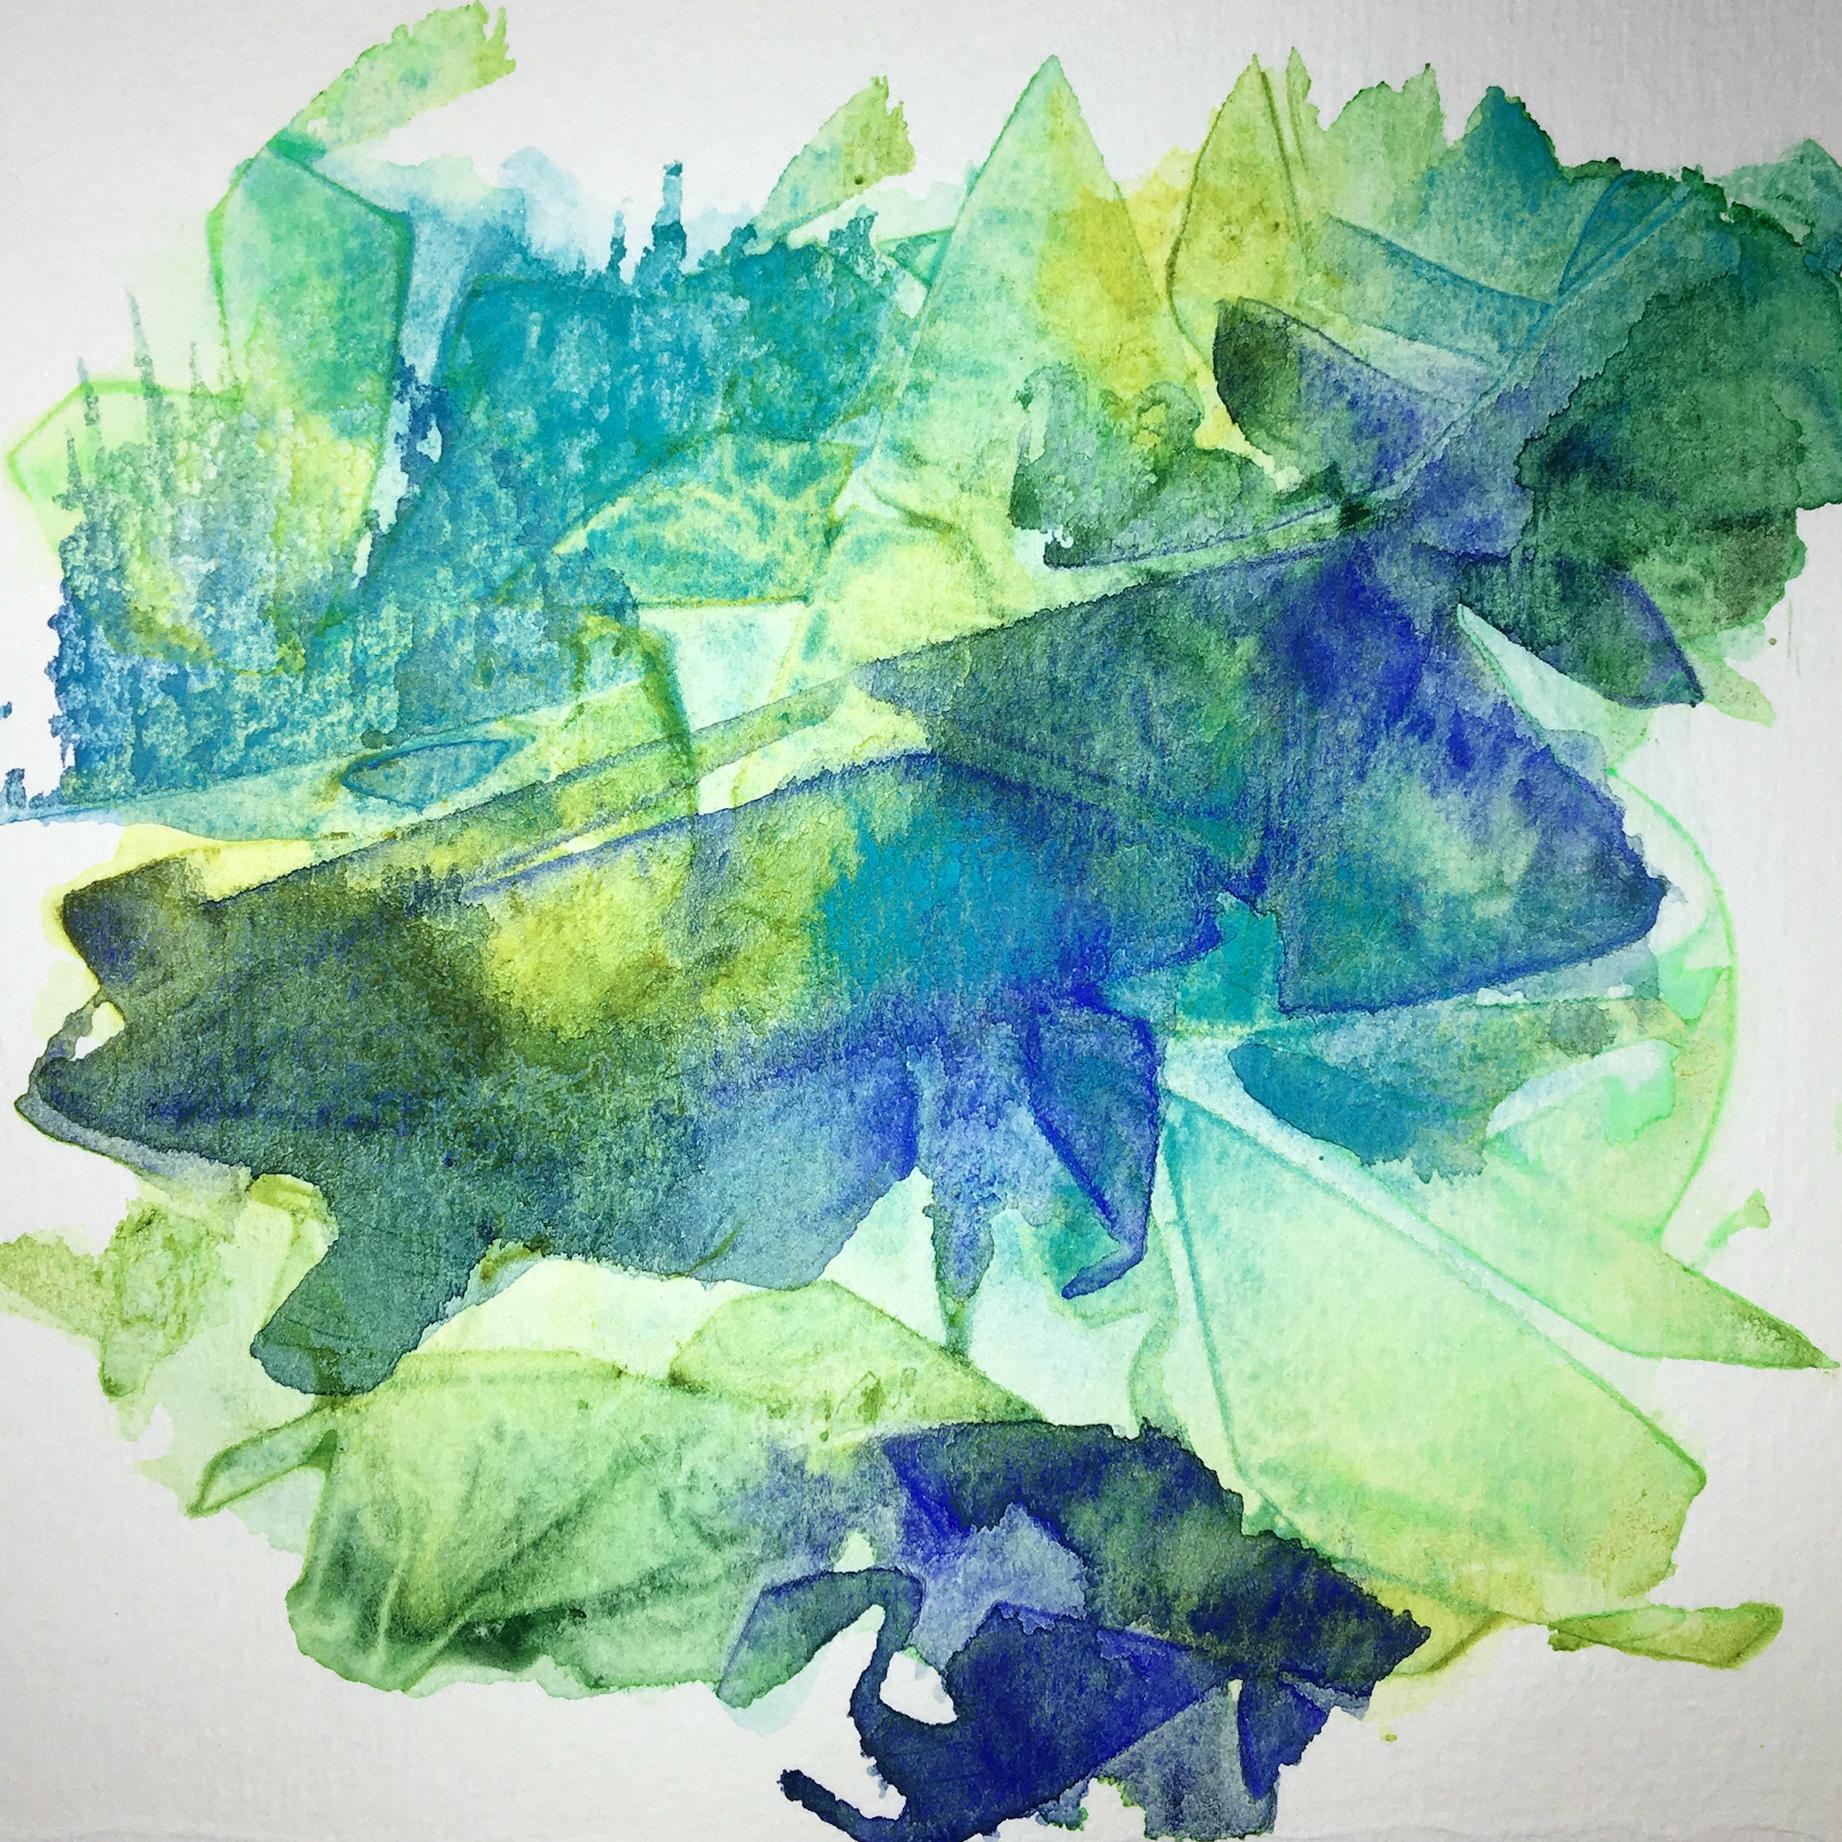 watercolor-textures-effects.jpg